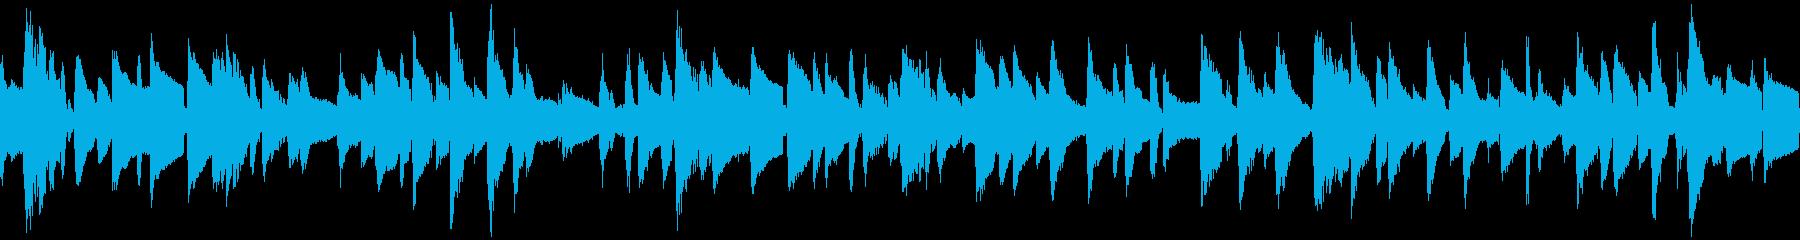 ジャズ・ピアノトリオのBGM:ループの再生済みの波形